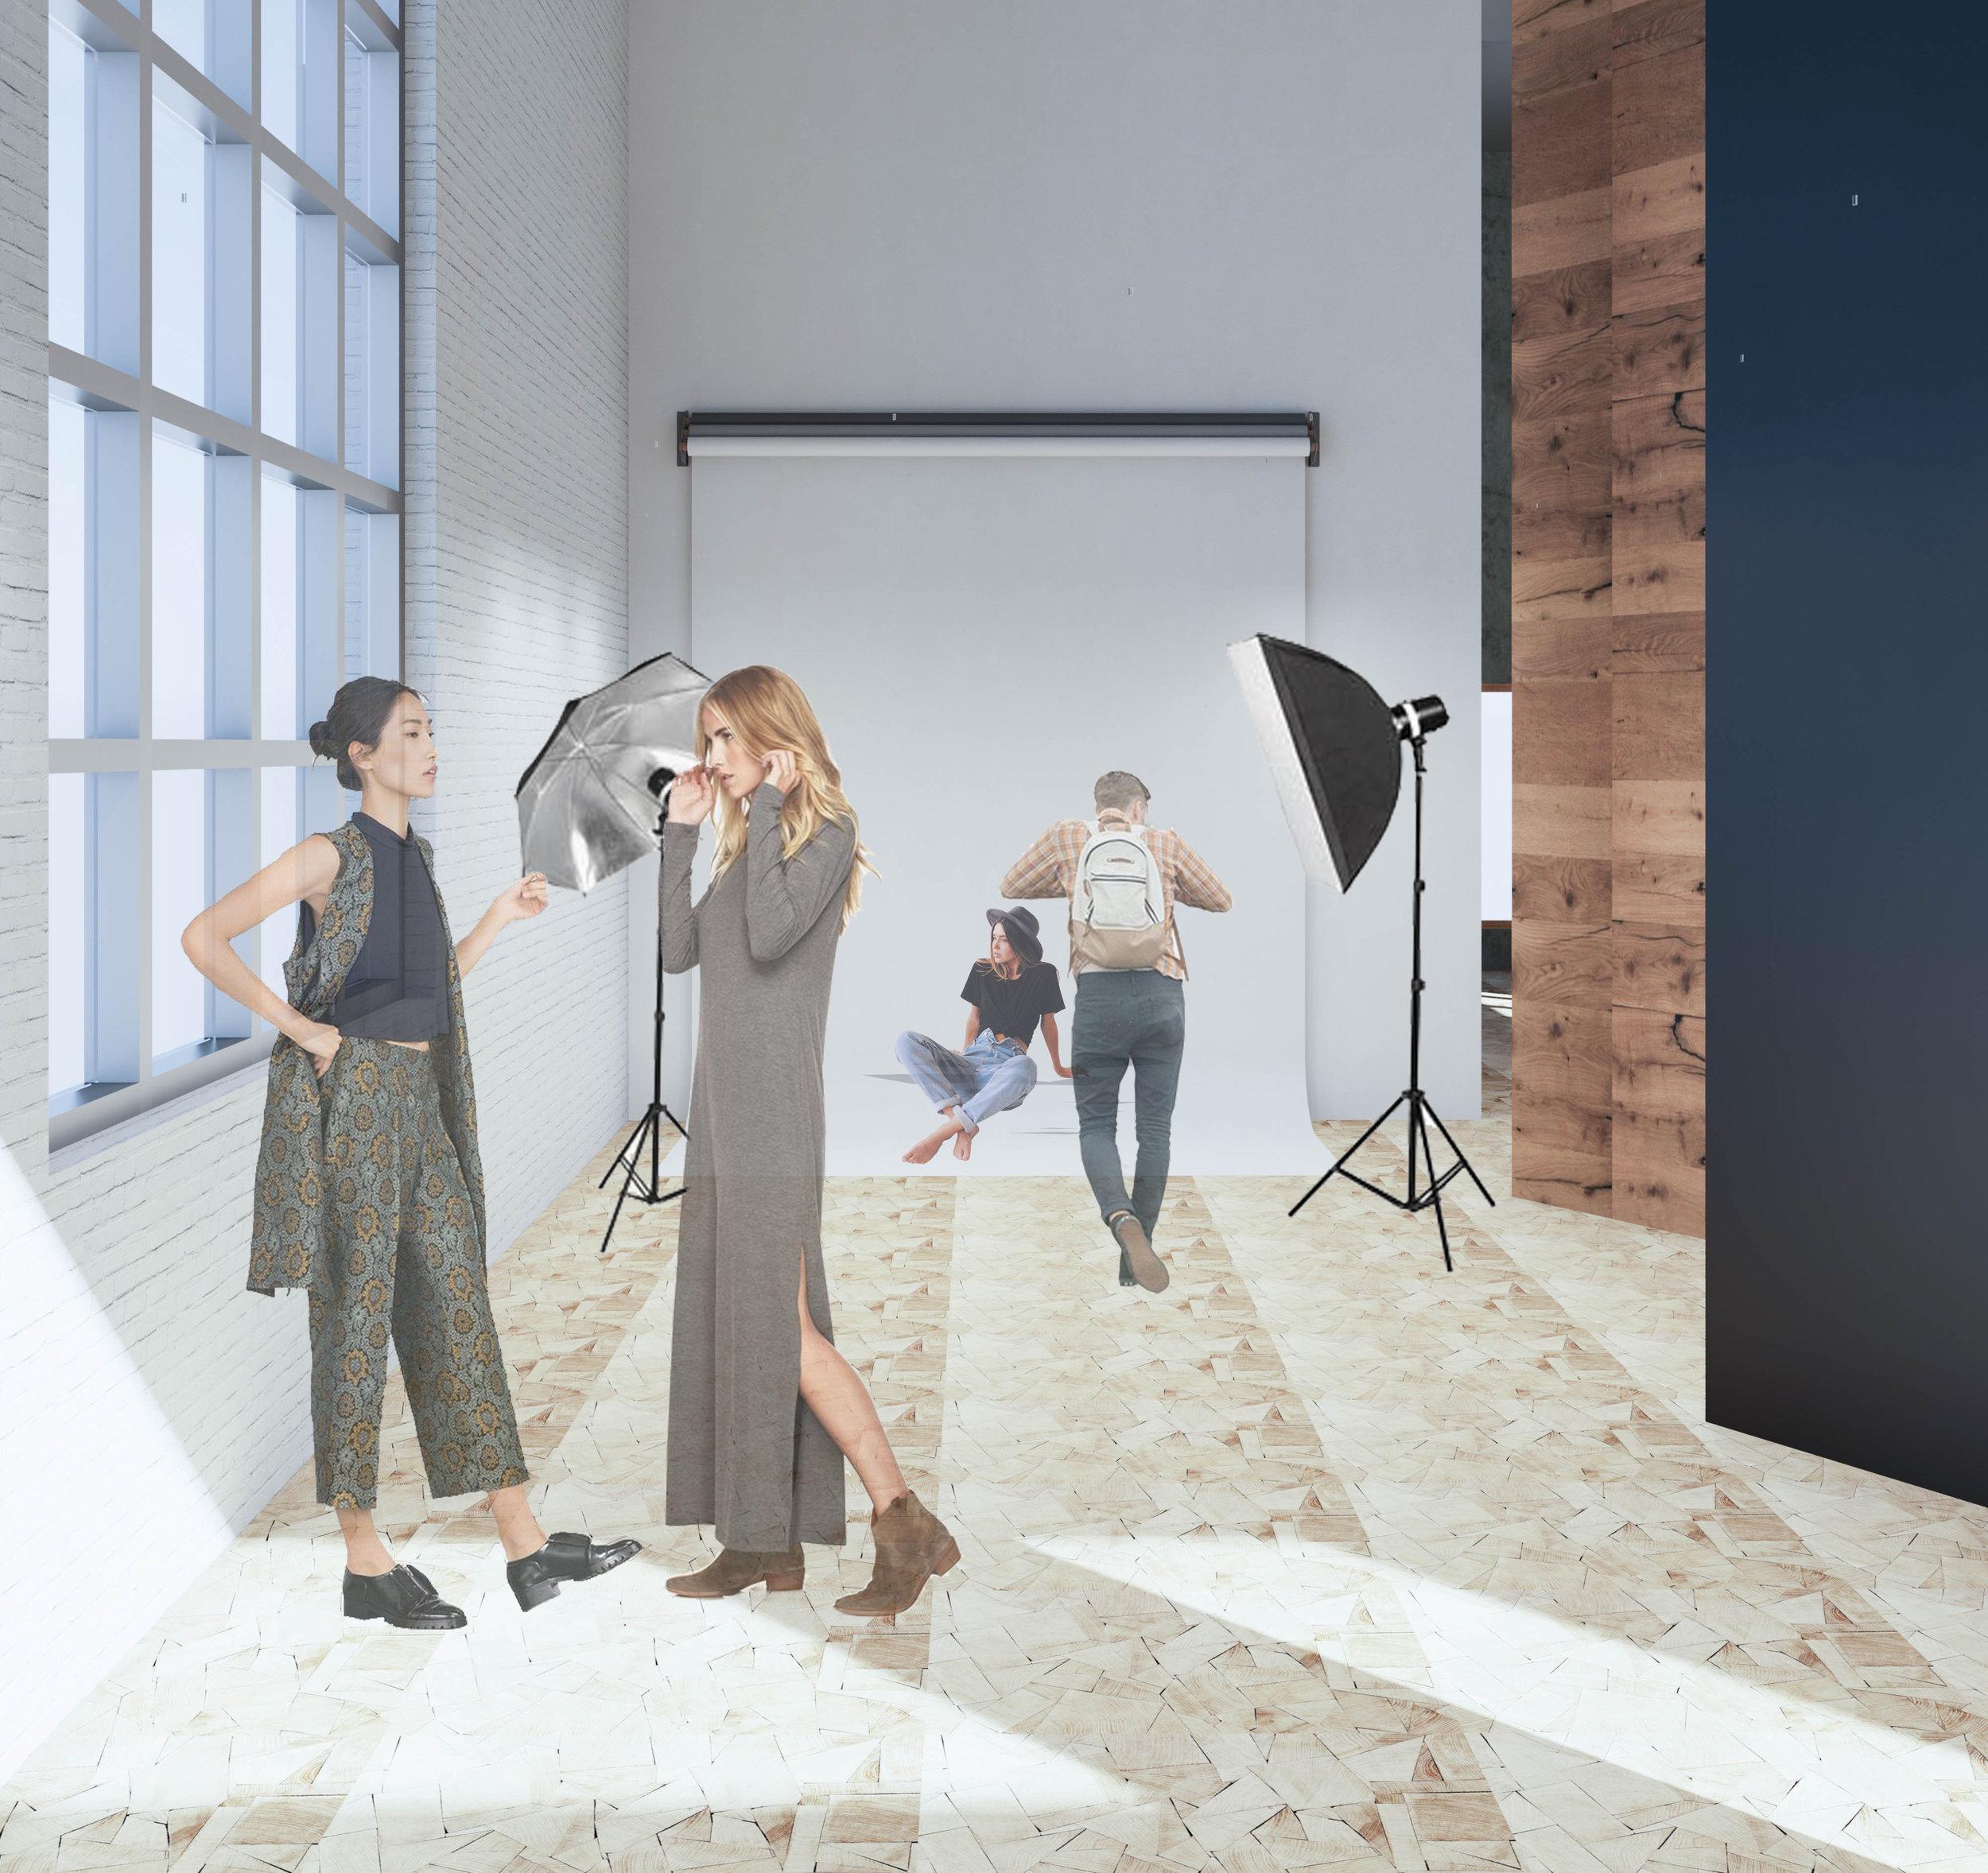 3rd Floor: Studio/Event Space